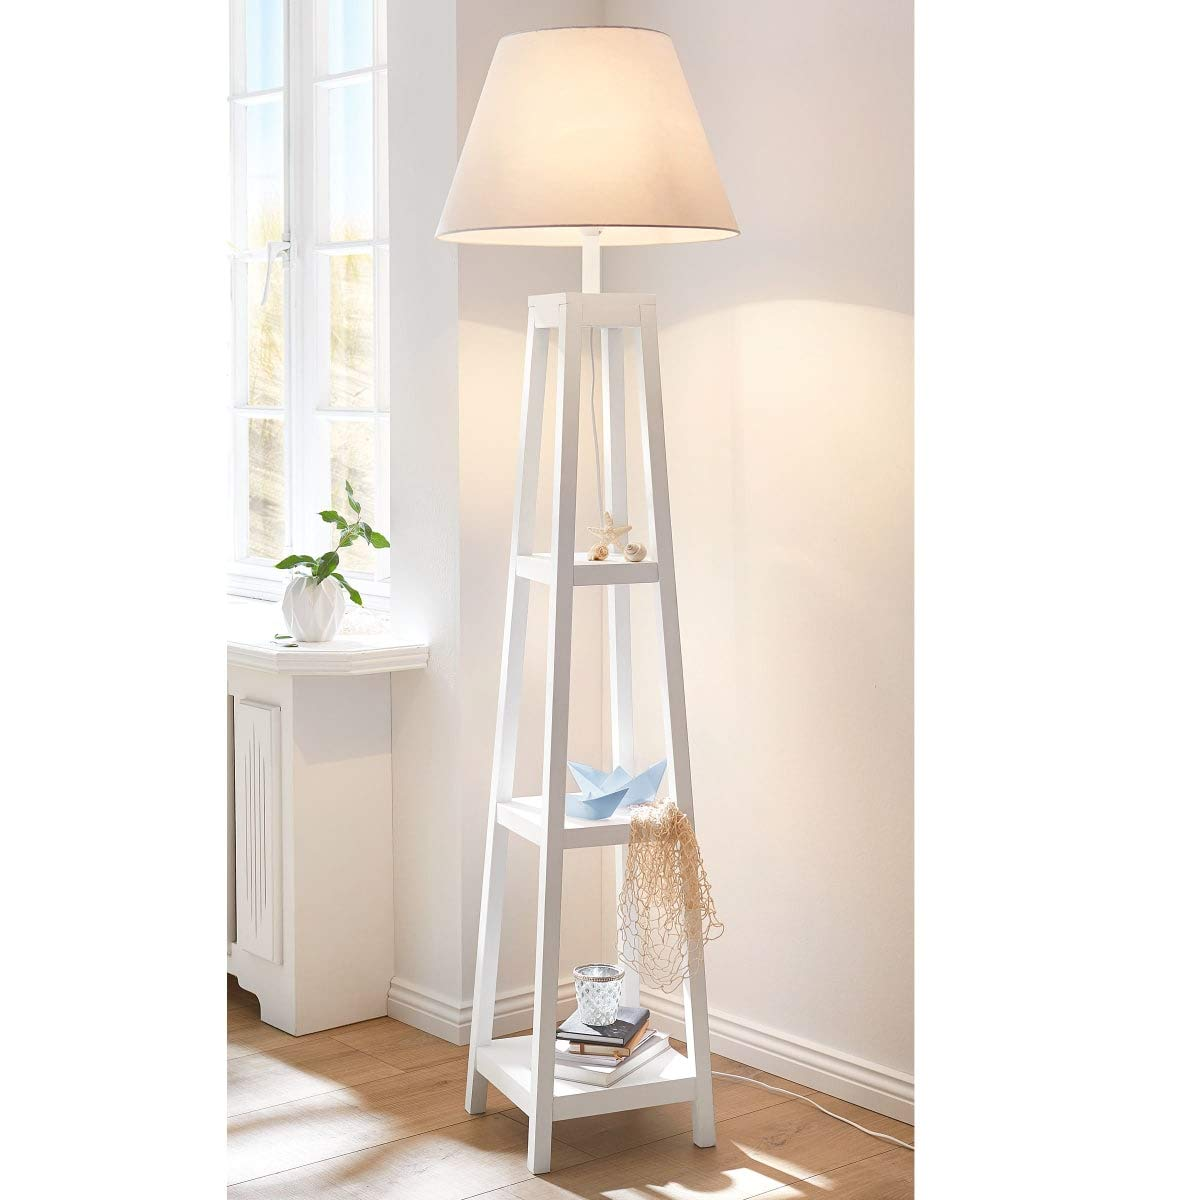 Stehleuchte Chap - Stehlampe - Regal - Holz - Stoffschirm - Weiß - Höhe ca. 162 cm